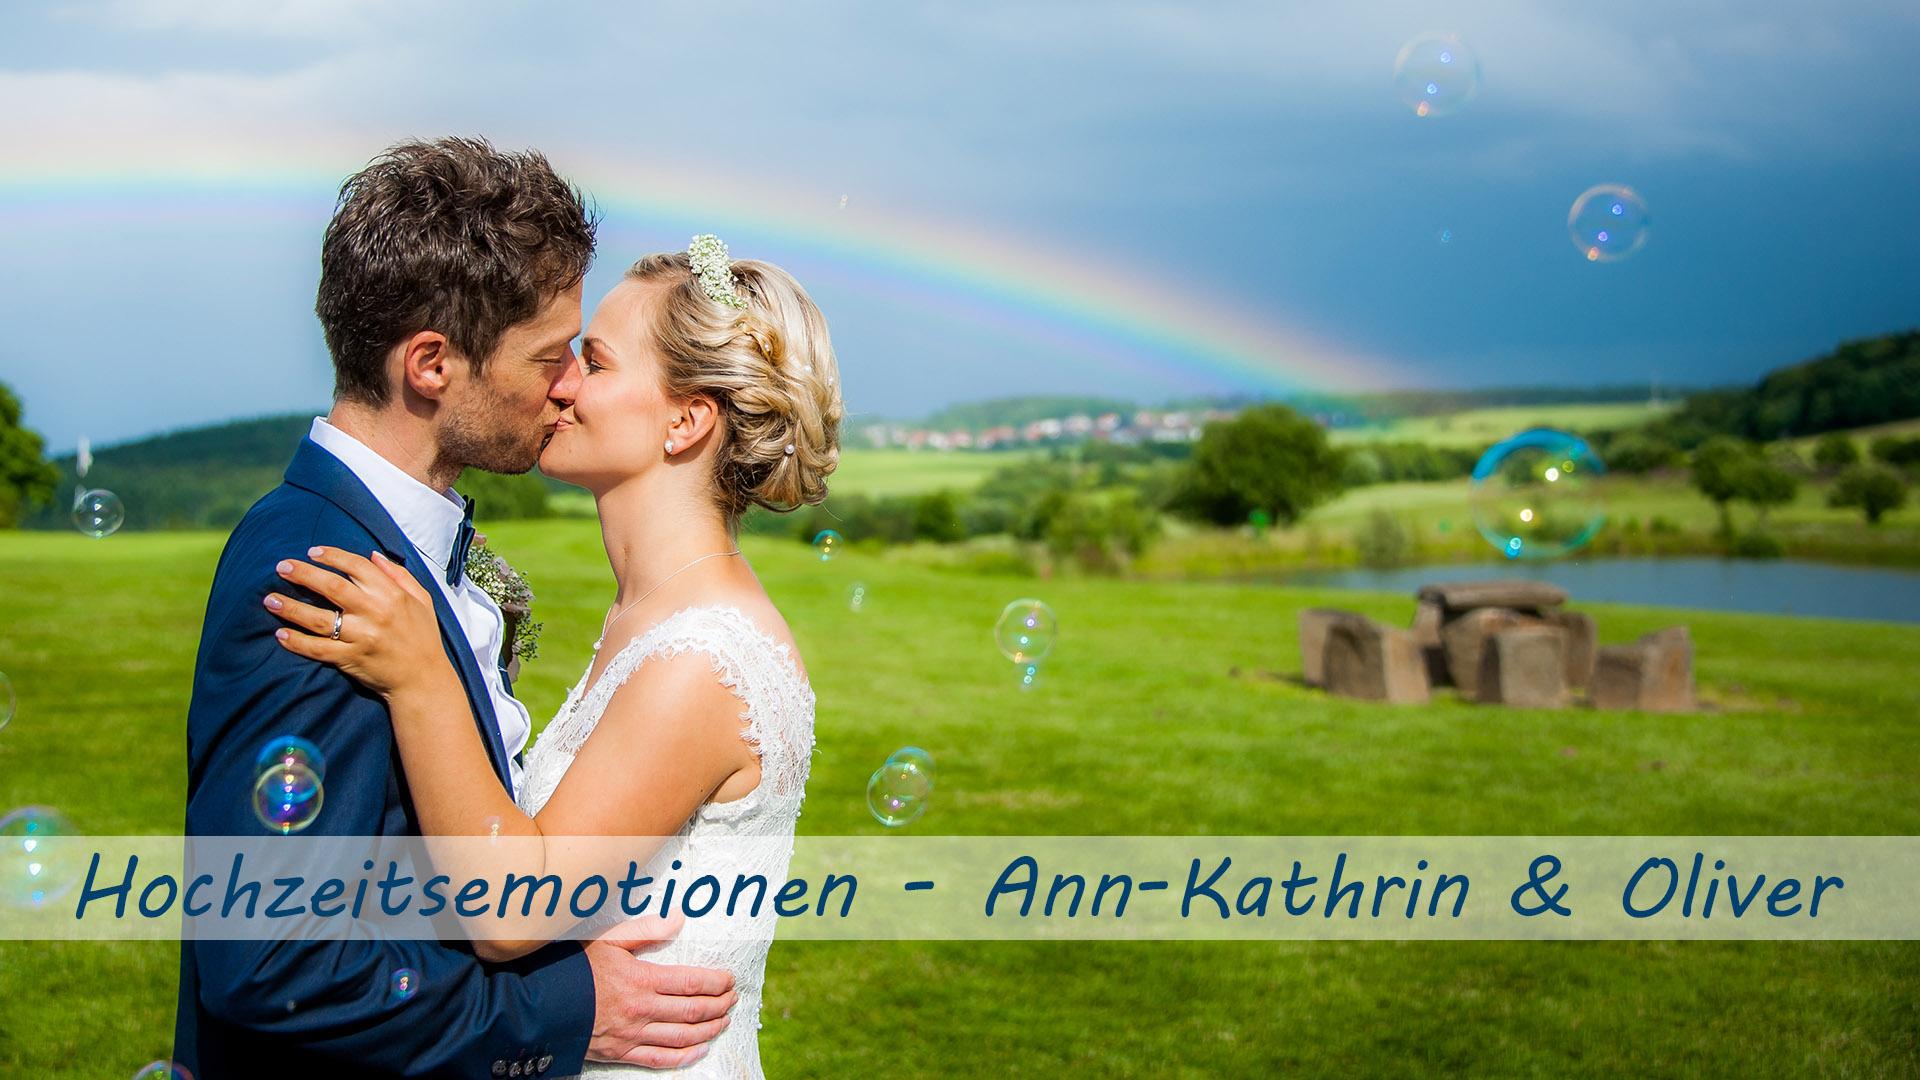 Wenn Regen gemeldet ist und der Regenbogen leuchtet – die echten Hochzeitsemotionen von Ann-Kathrin und Oliver